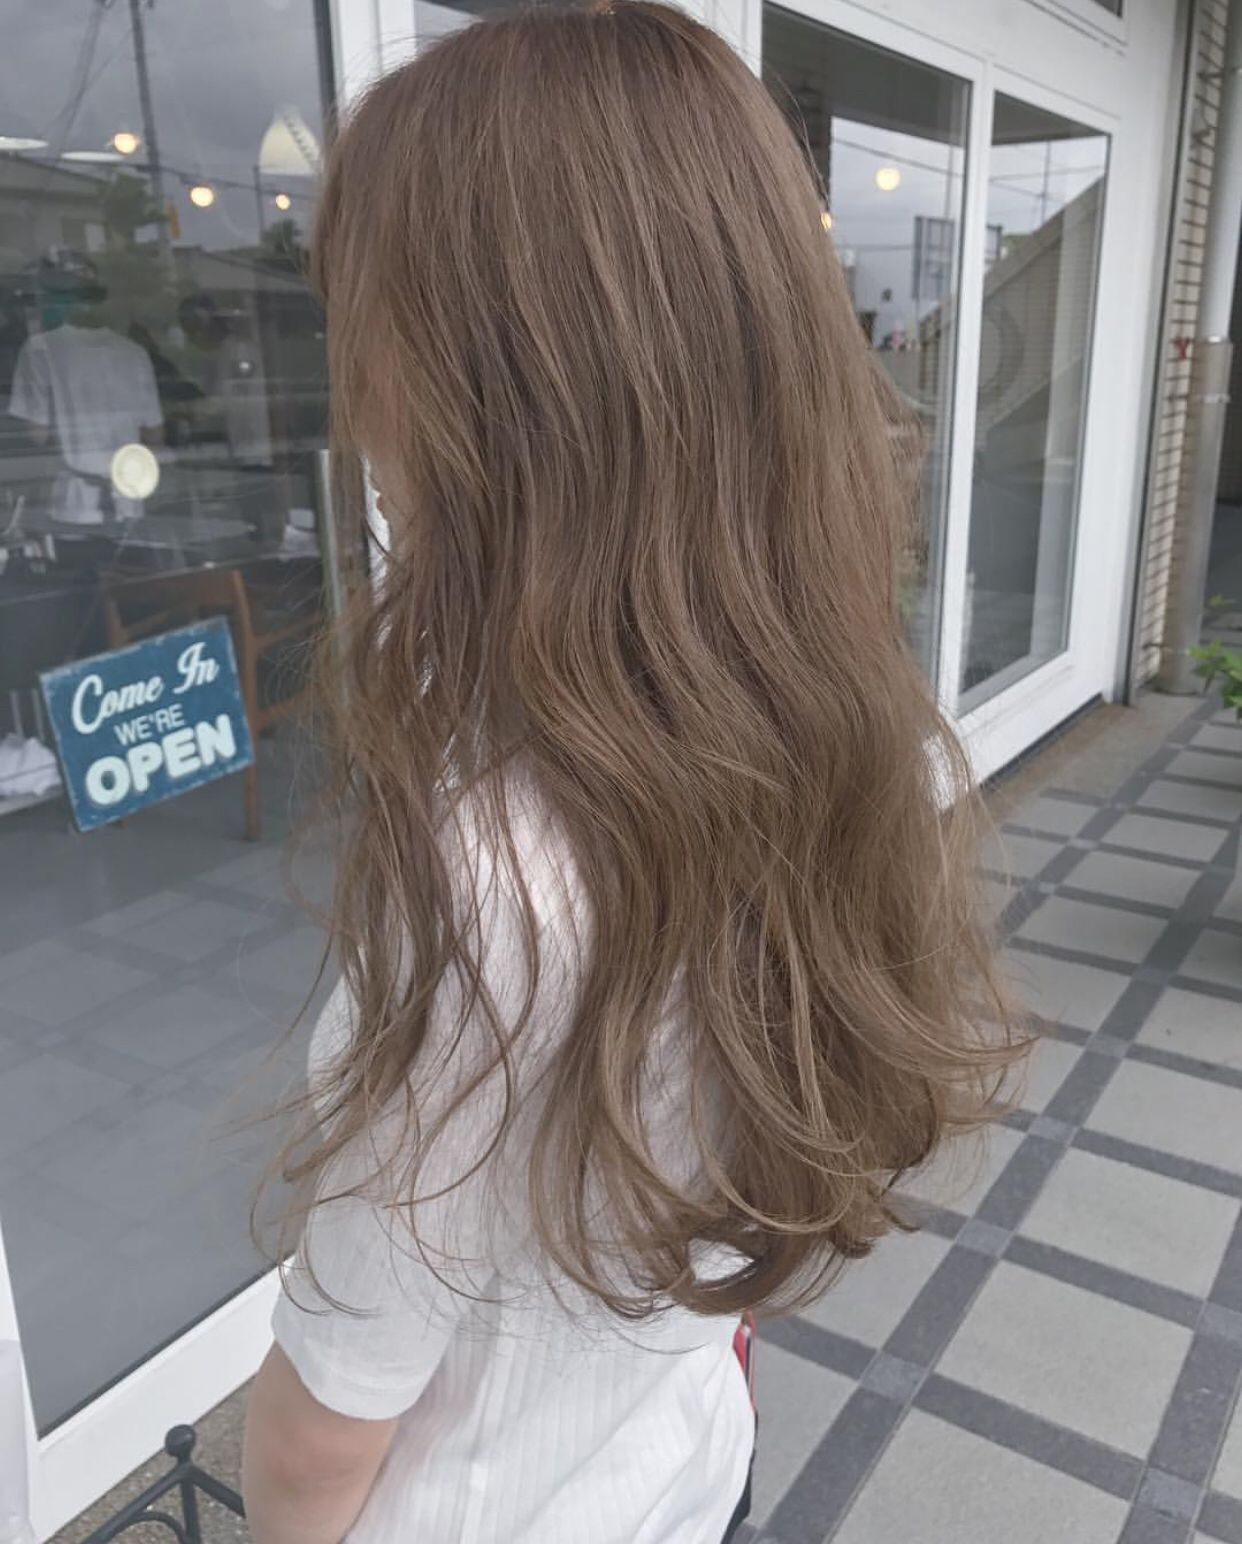 Глубокий русый цвет волос (30 фото)